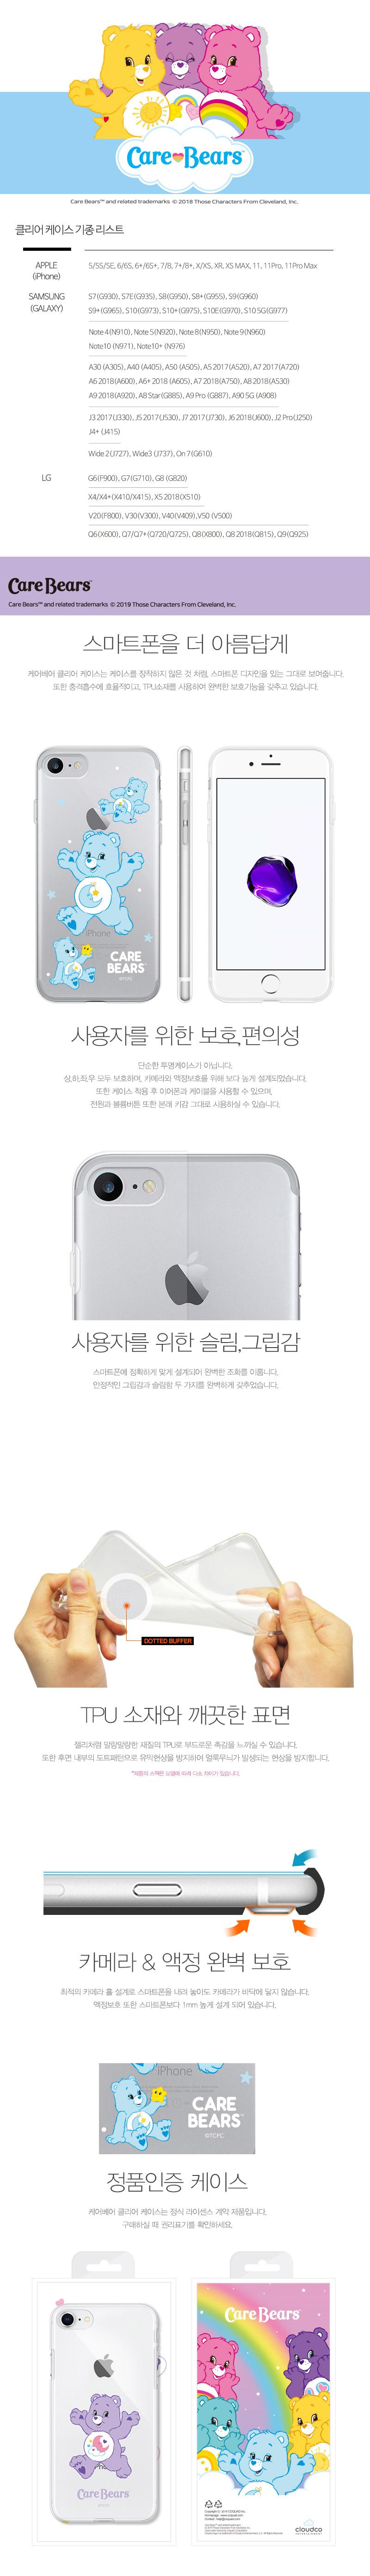 케어베어 젤리 케이스 아이폰 11 pro max XS 7 8 6S 511,800원-굿데이디지털, 애플, 케이스, 아이폰 11바보사랑케어베어 젤리 케이스 아이폰 11 pro max XS 7 8 6S 511,800원-굿데이디지털, 애플, 케이스, 아이폰 11바보사랑